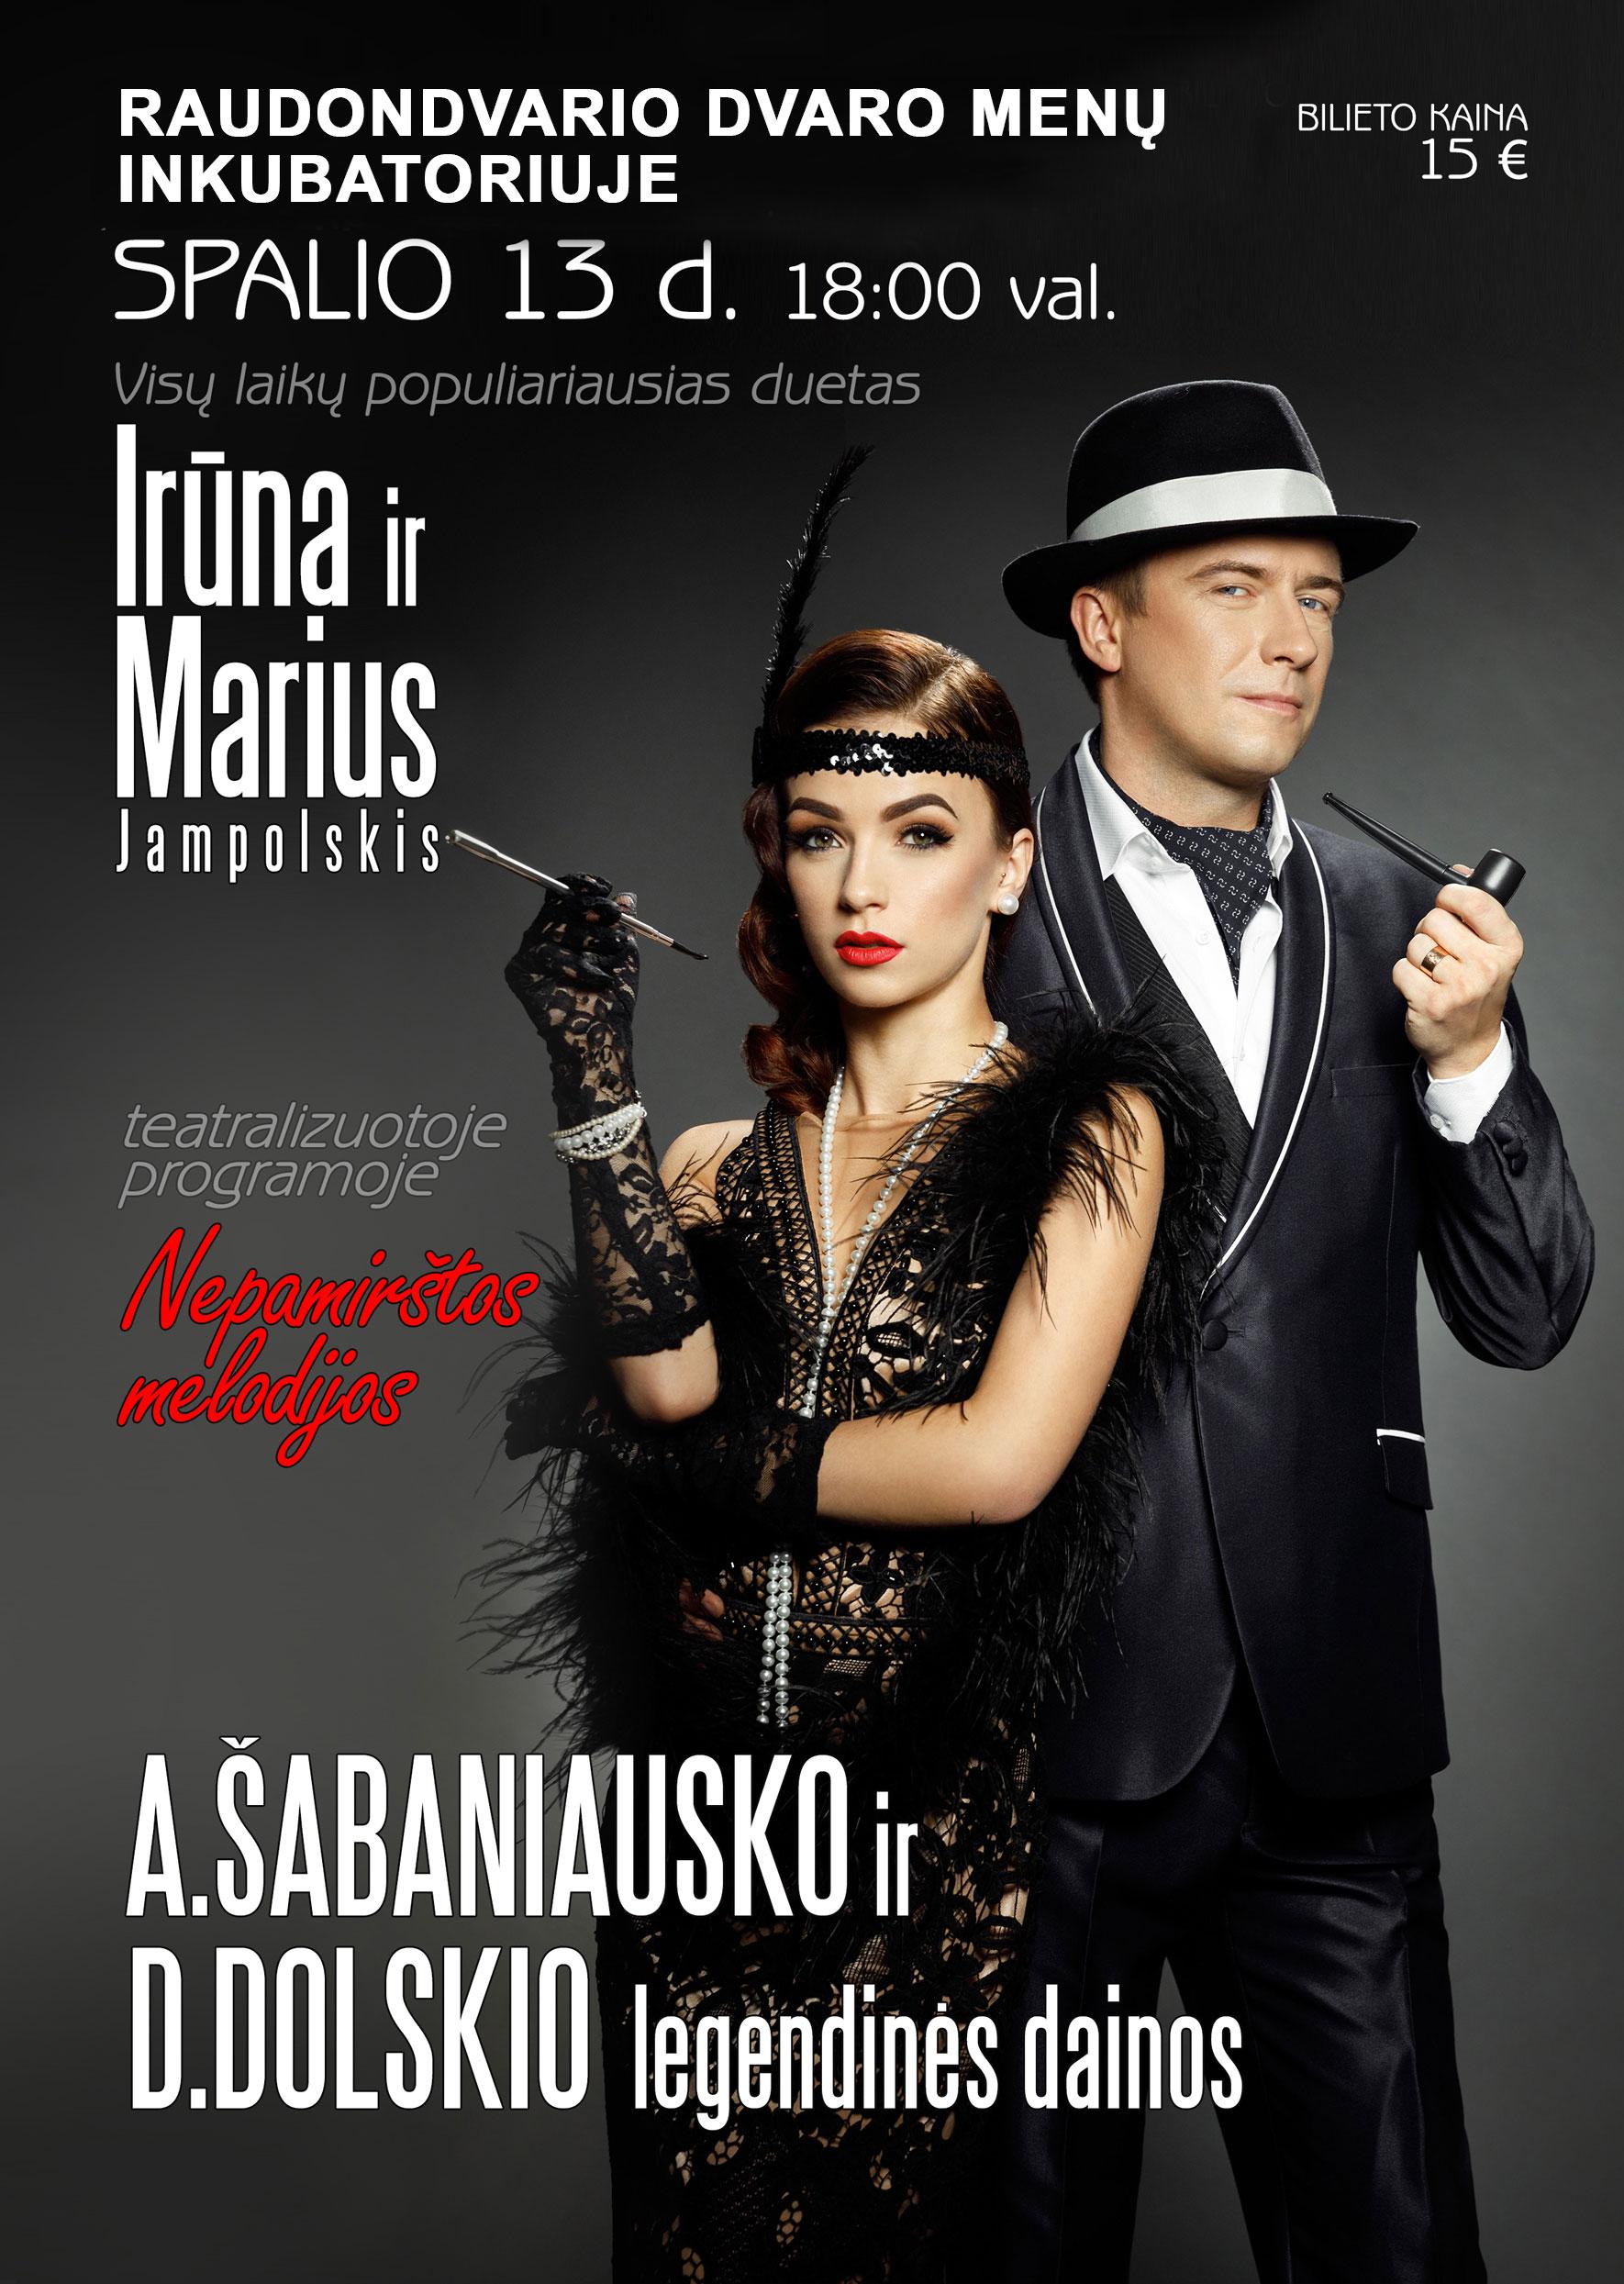 Visų laikų populiariausias duetas – Irūna ir Marius Jampolskis. A. Šabaniausko ir D. Dolskio legendinės dainos